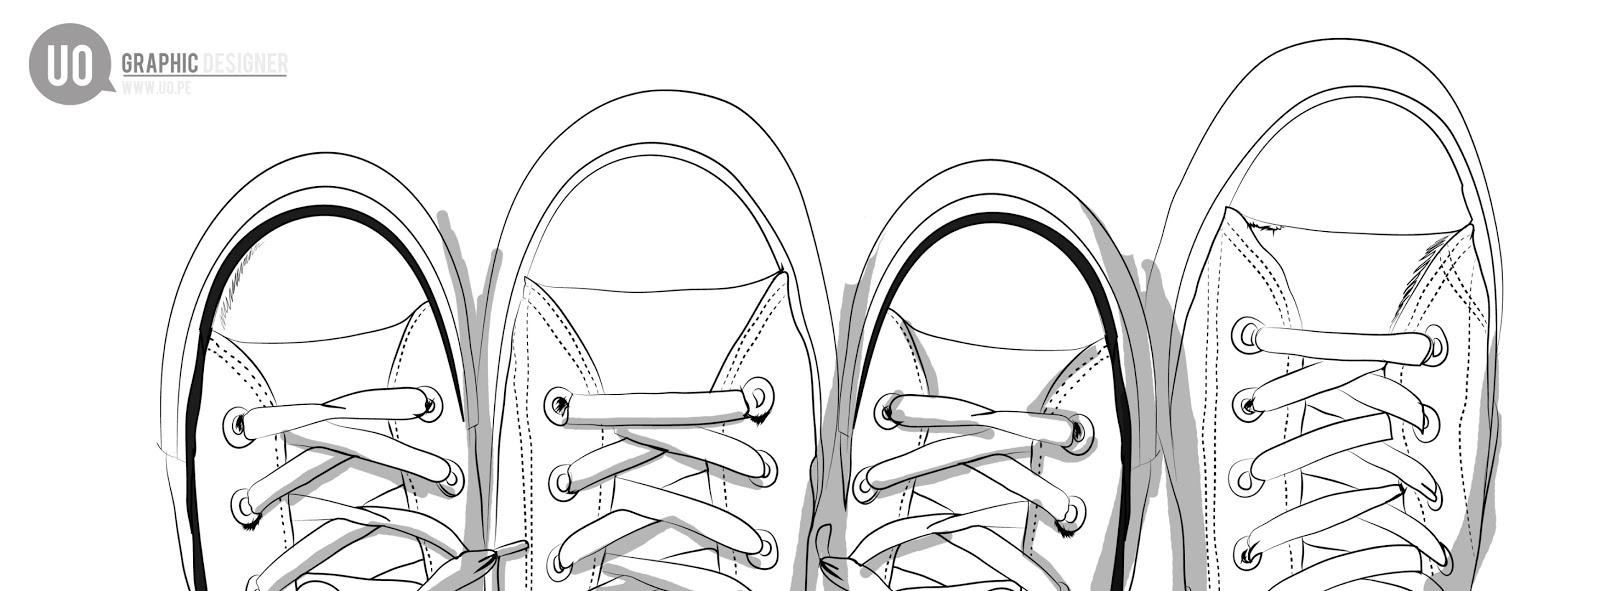 Único Zapatos Converse Para Colorear Composición - Dibujos Para ...